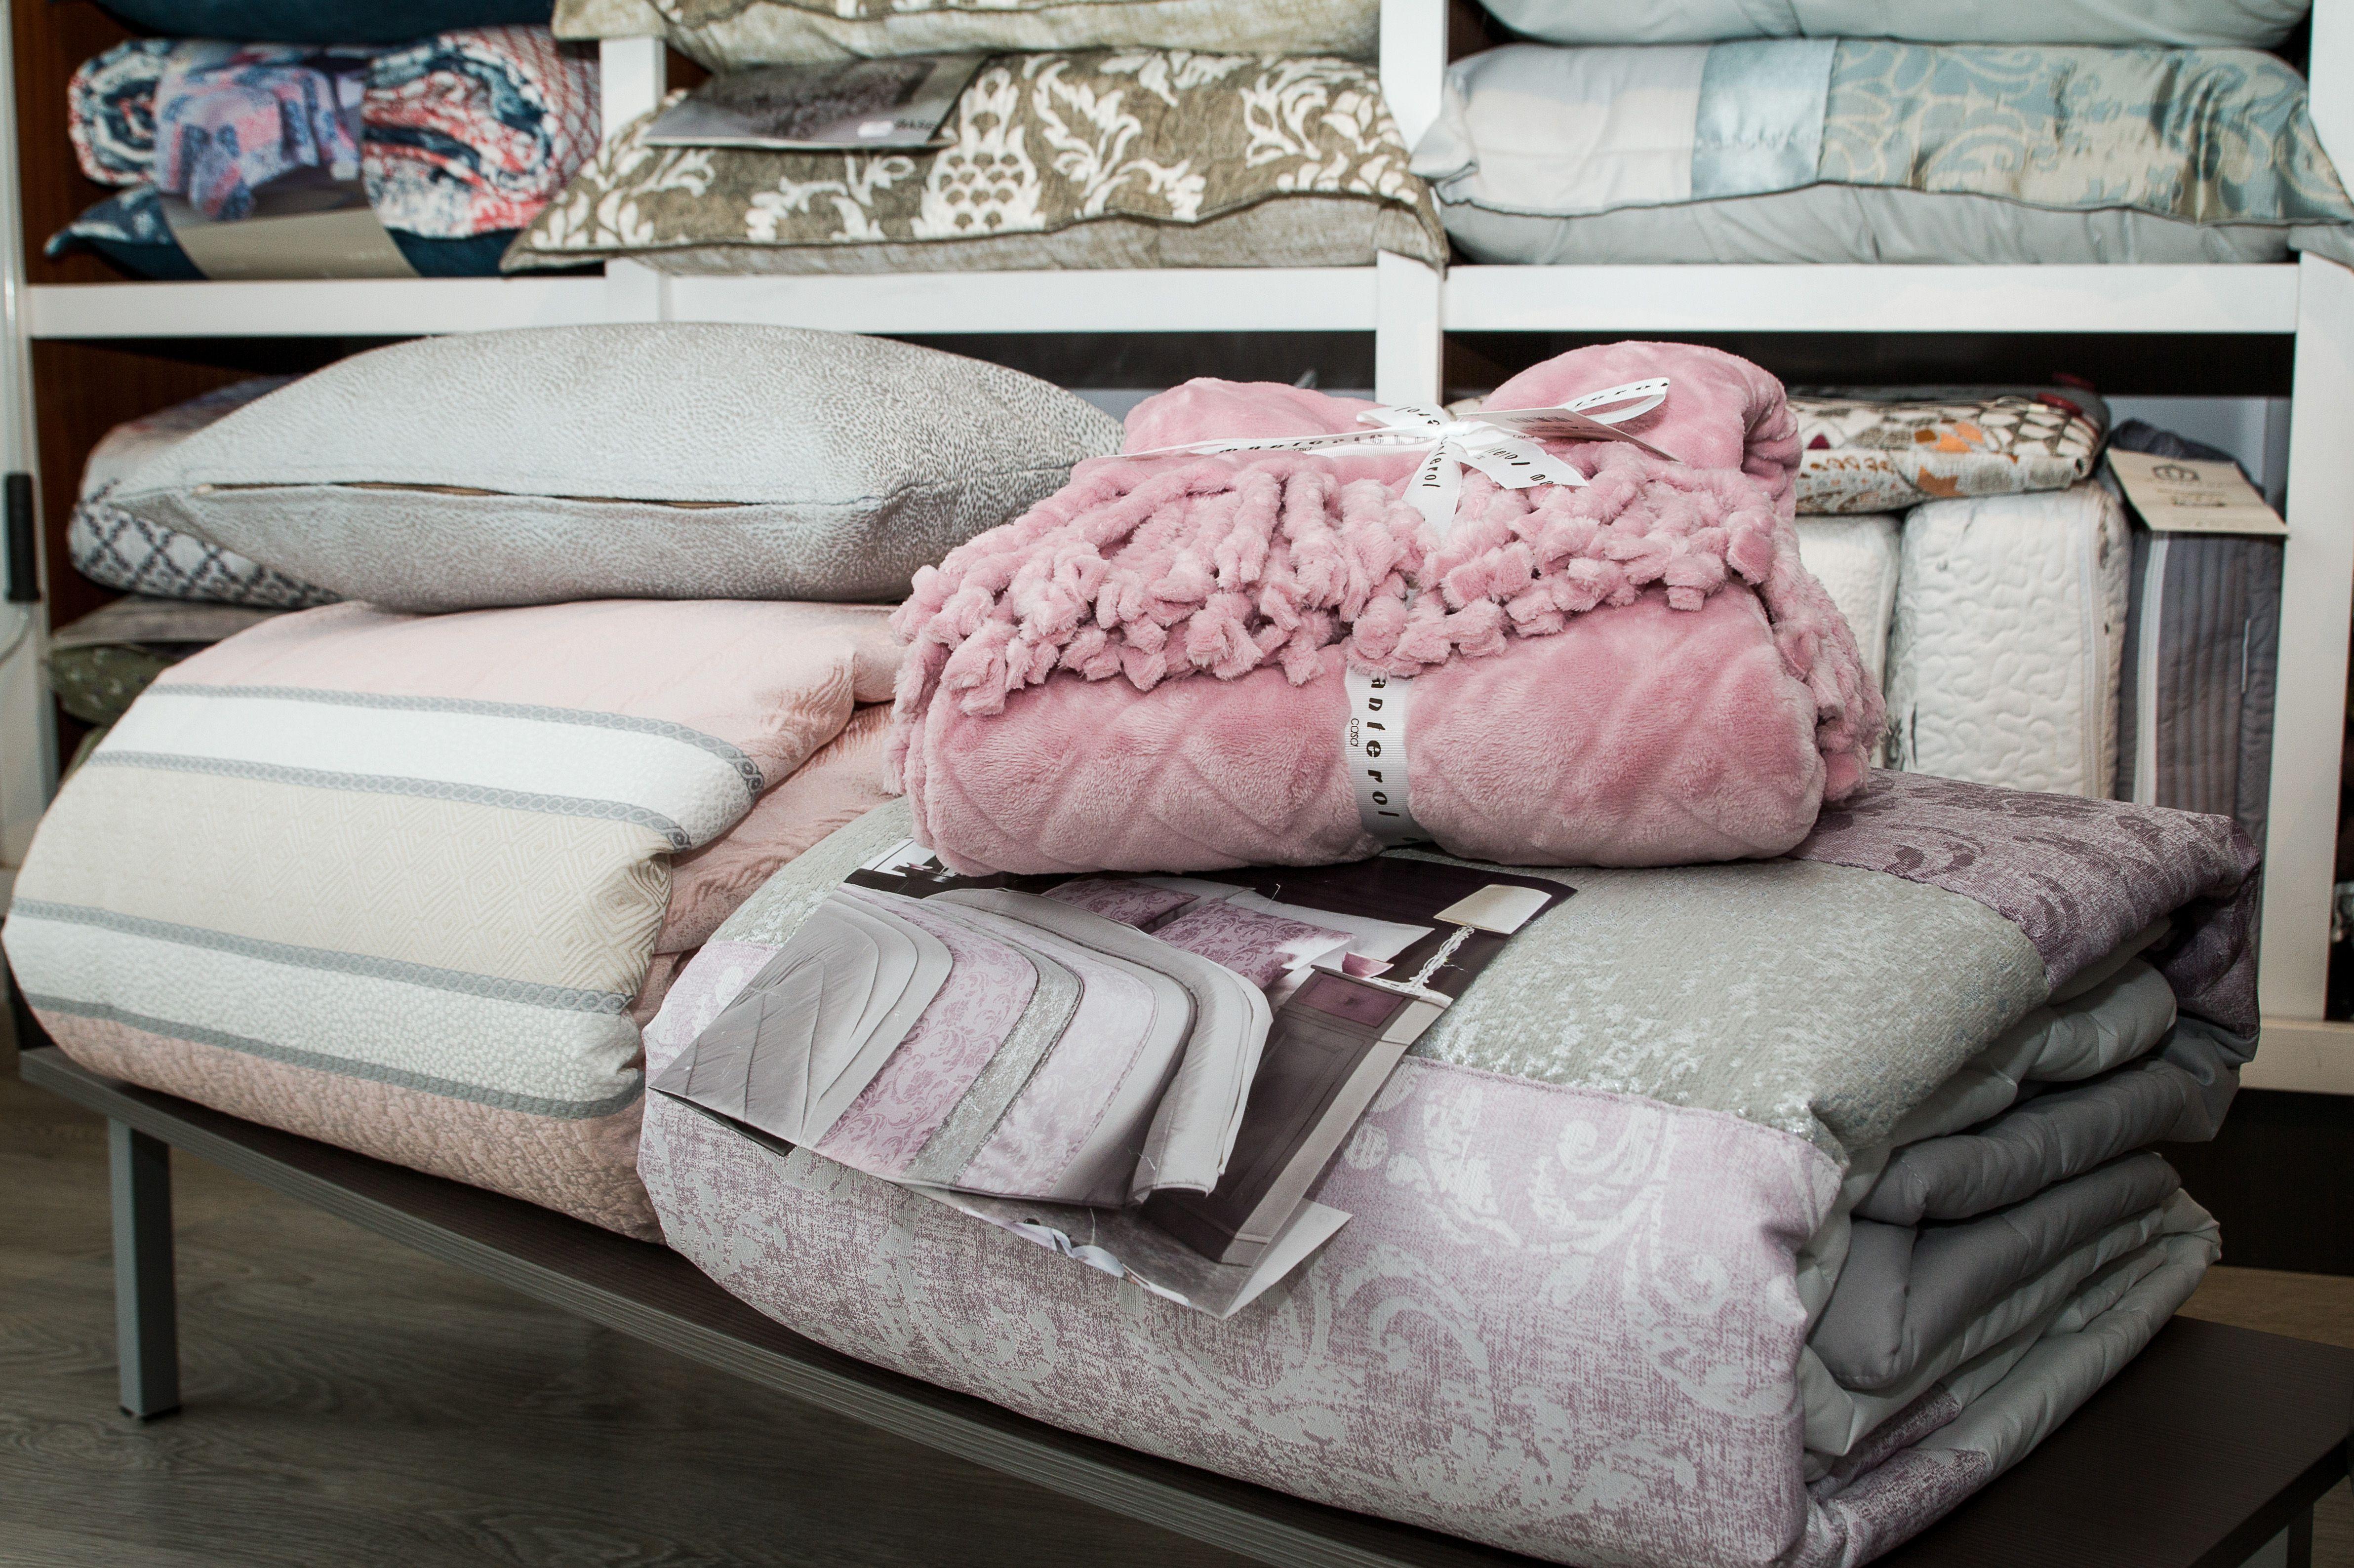 Mantas y ropa de hogar